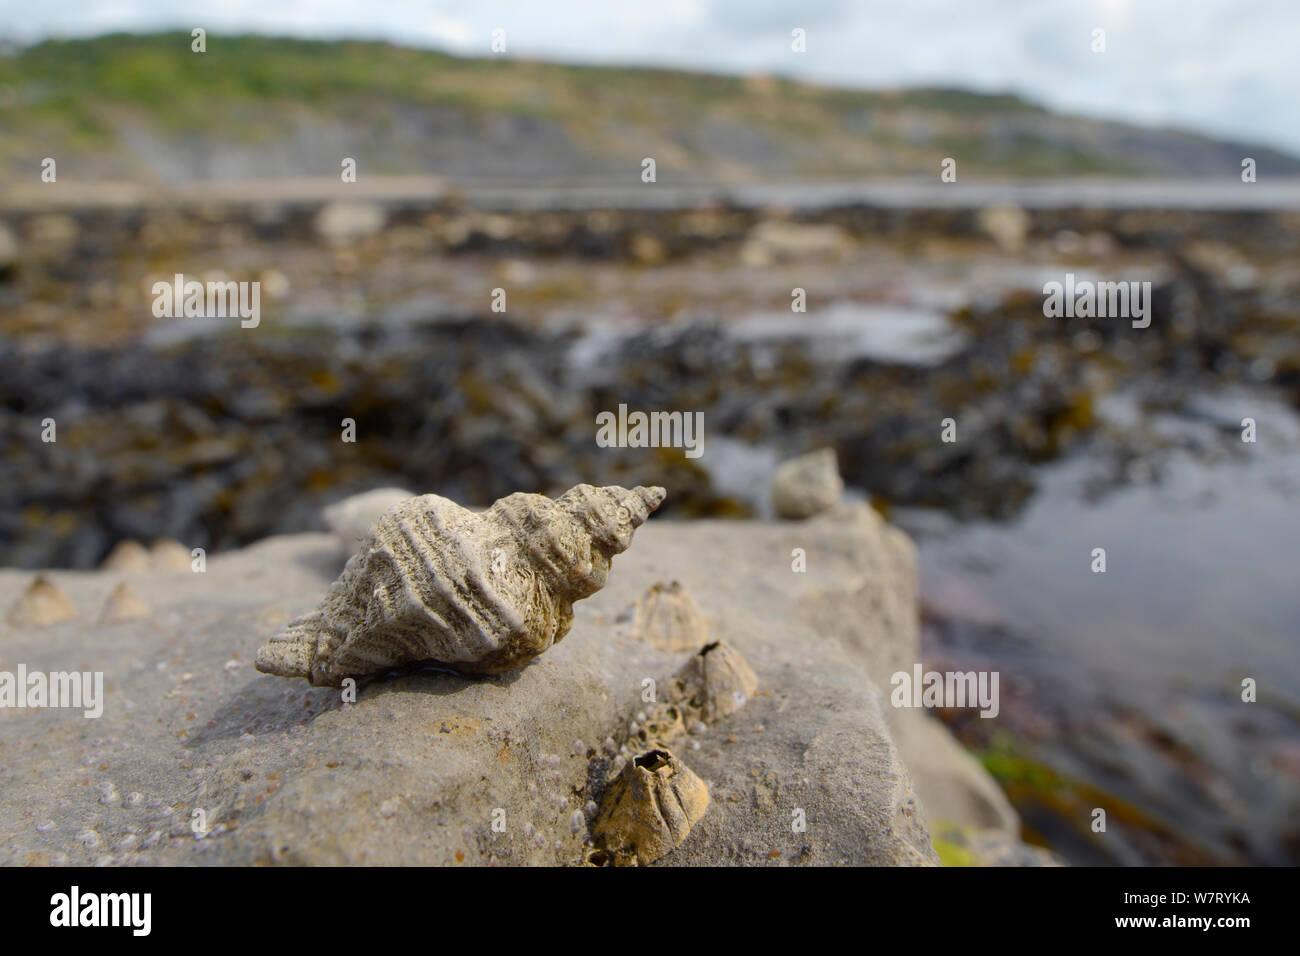 Huître européenne / forage winkle (Ocenebra erinacea Sting) un ravageur des huîtres, sur des rochers bas sur la rive le long de la balane Balanus perforatus (Acorn) découverte à marée basse, avec des algues, des rochers et la mer en arrière-plan, Lyme Regis, dans le Dorset, UK, mai. Banque D'Images